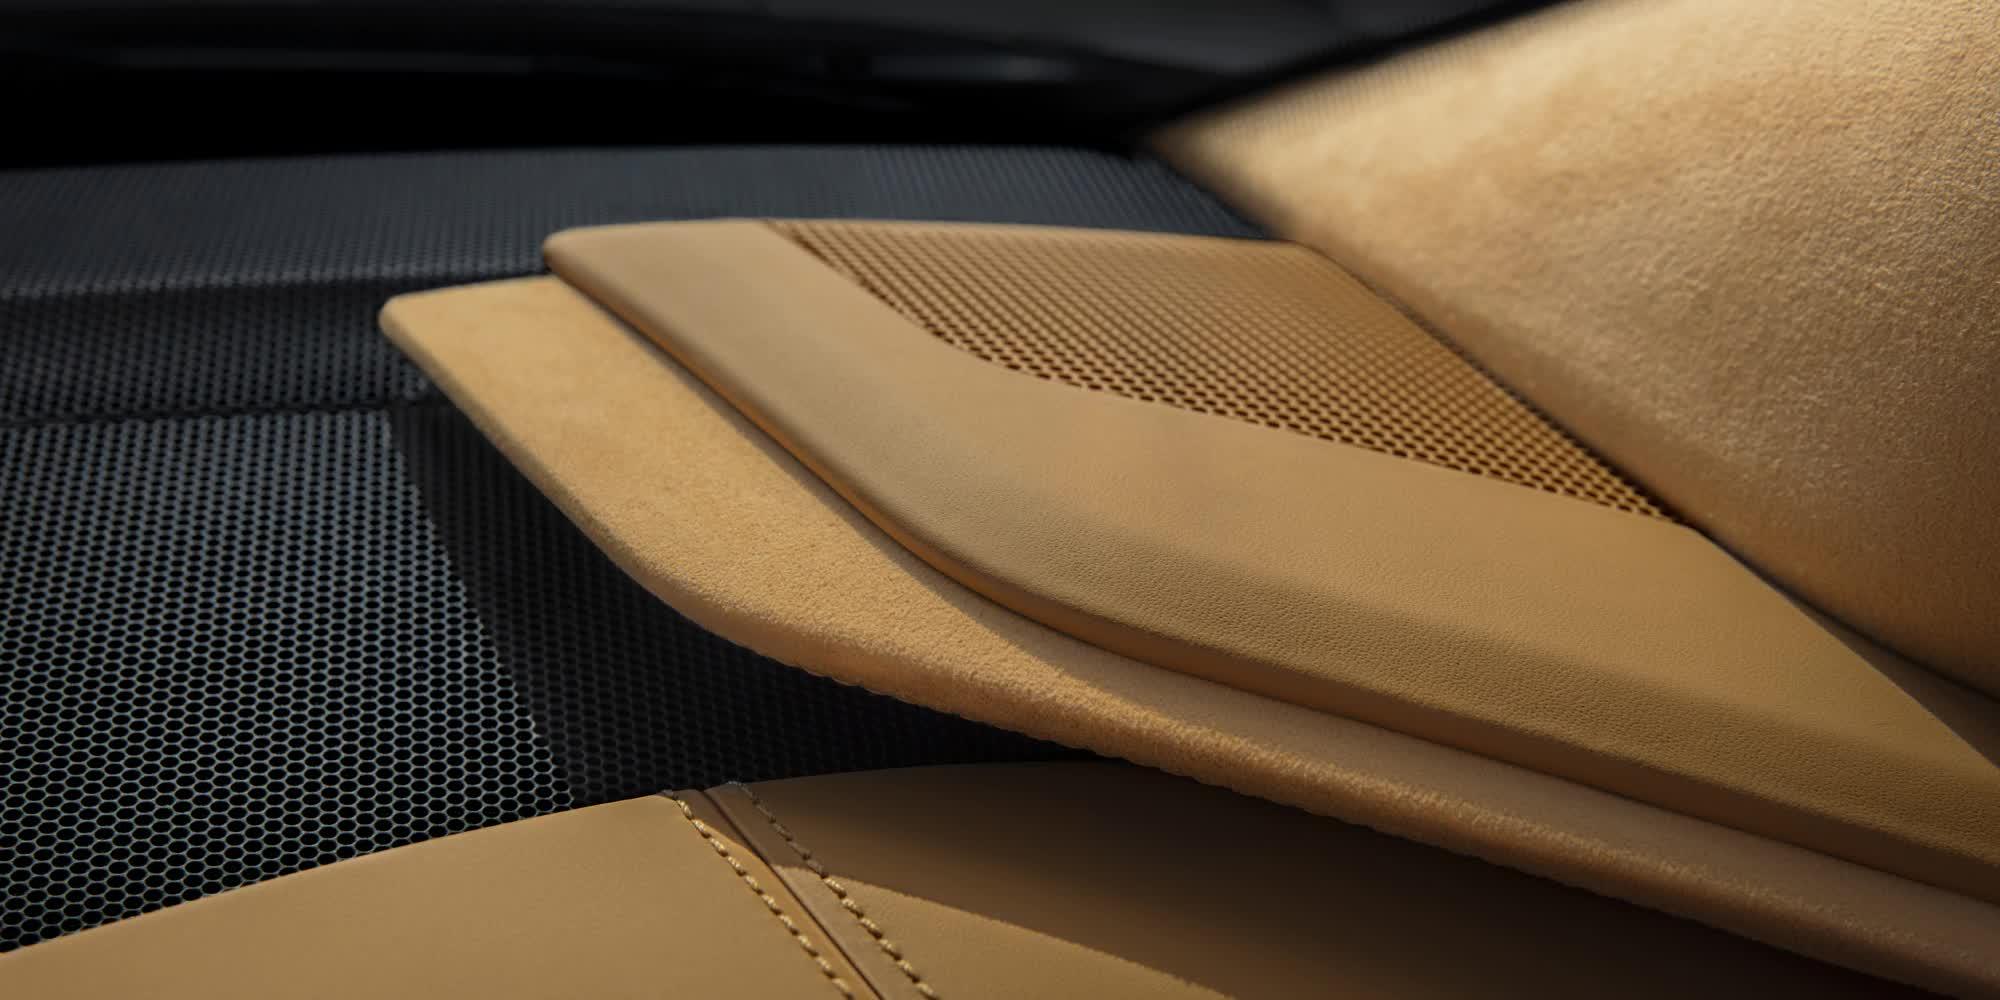 dettaglio-Corvette-c8-stingray-2020-auto-sportiva-a-motore-centrale-disponibile-con-allestimento-coupe-e-convertible-in-esclusiva-presso-gruppo-cavauto-a-Monza.jpg